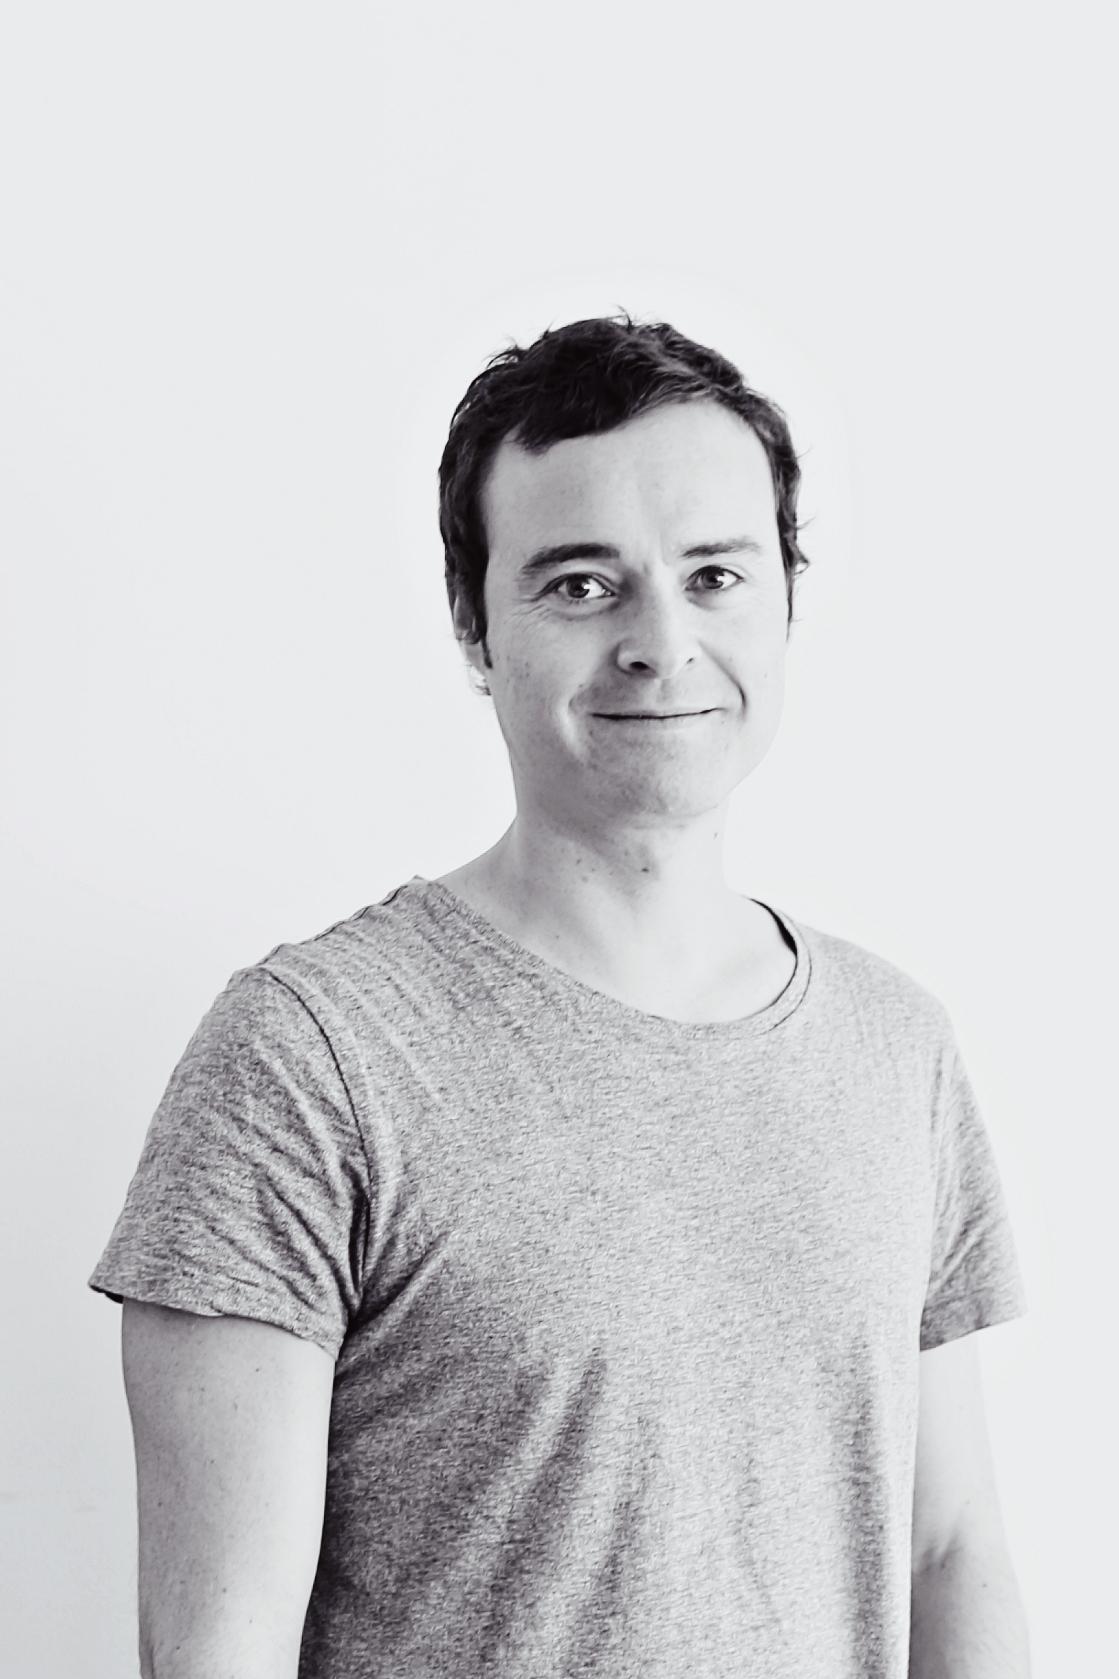 Carlos Faria Desarrollo Frontend